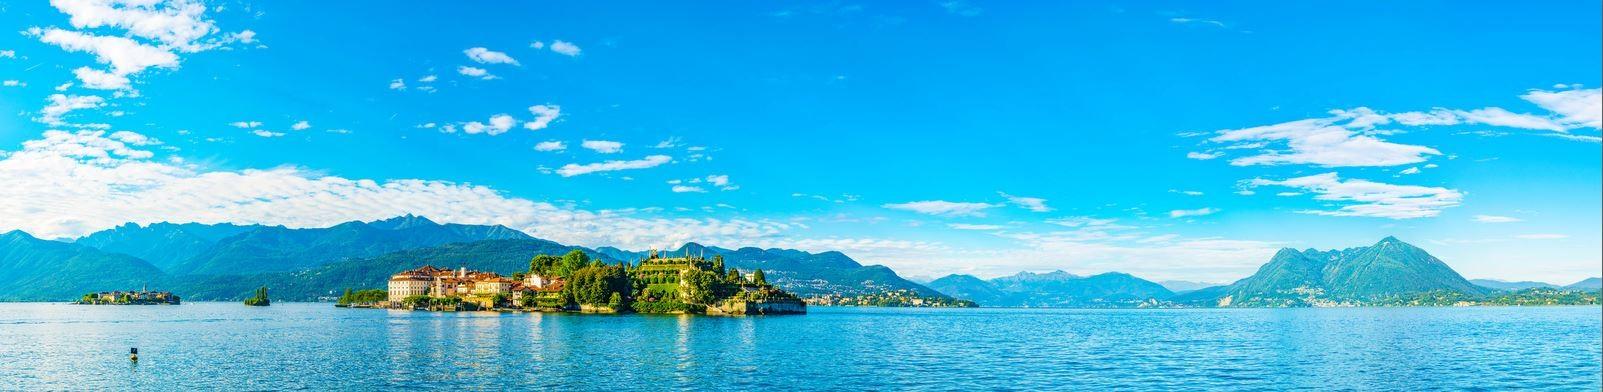 Lago Maggiore - pohled na ostrov Isola Bella v popředí, nalevo ostrov Isola dei Pescatori